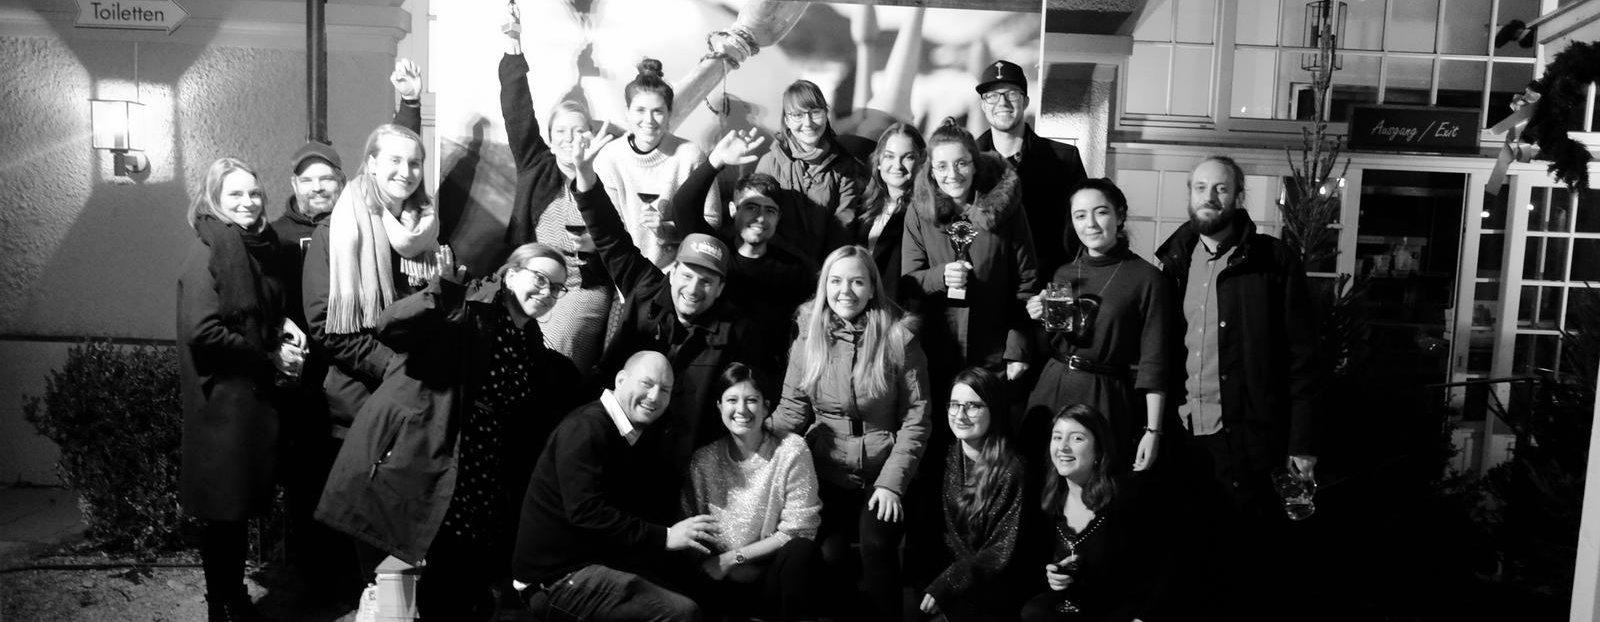 Das gesamte Team der LEO54